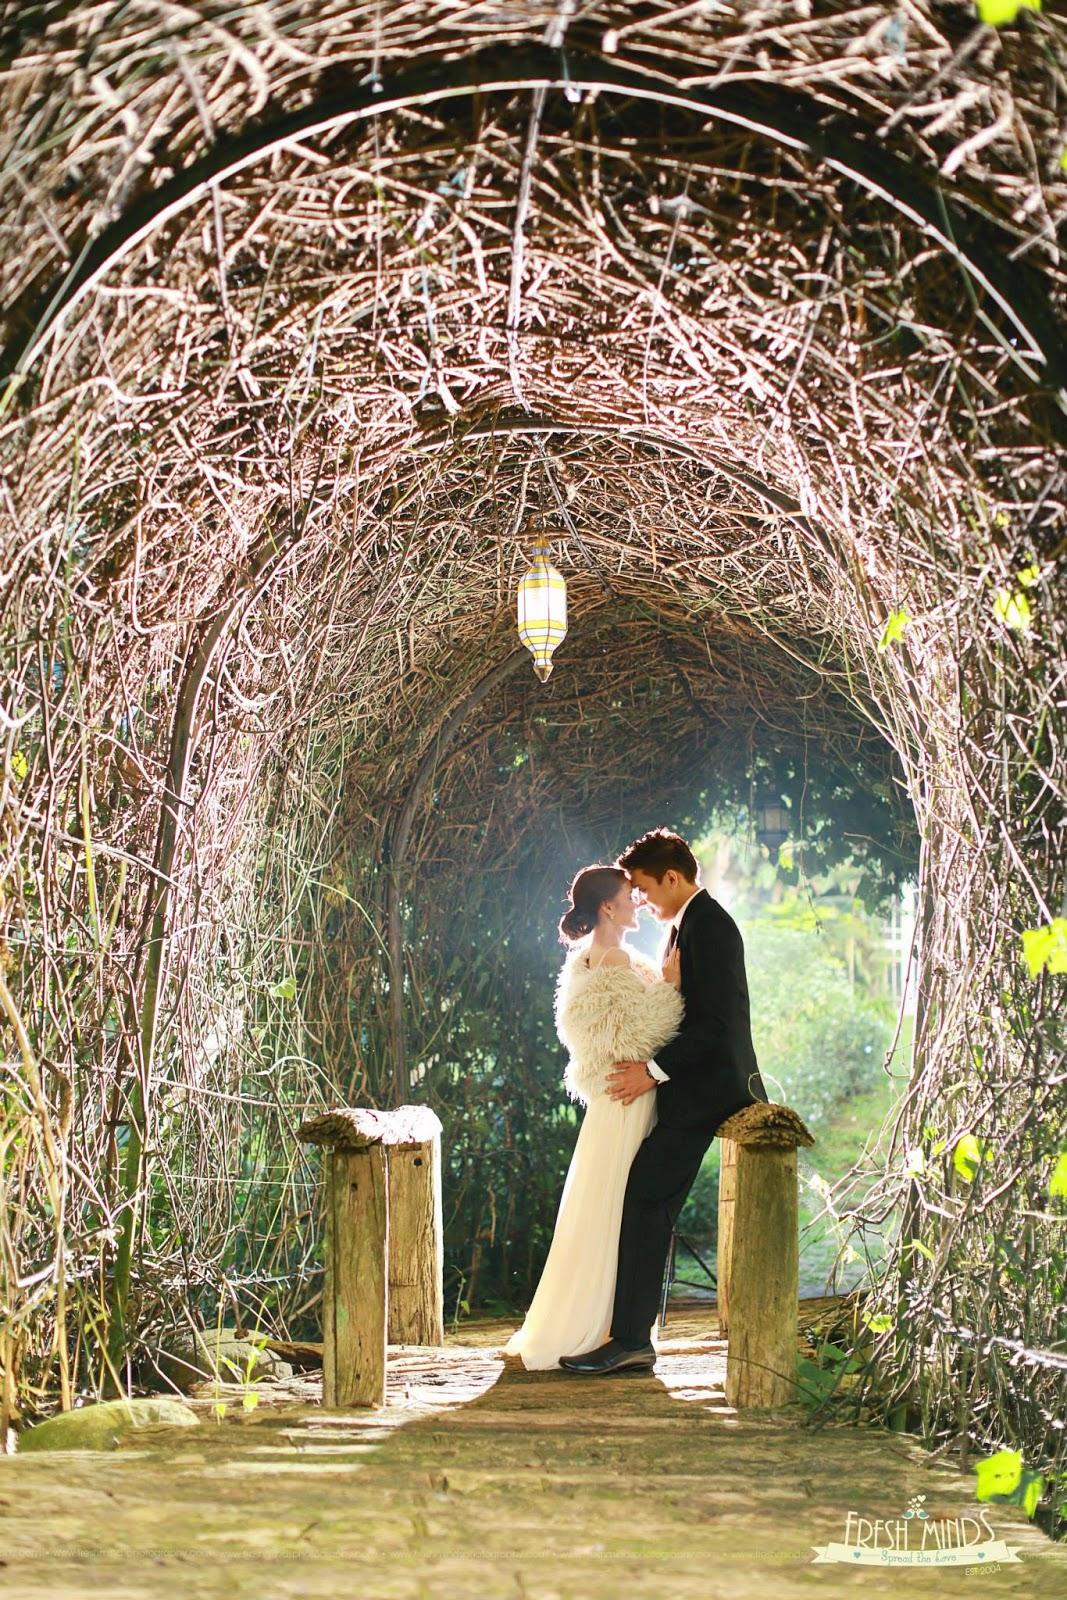 The chalebrations blog brian rhio two gardens tagaytay for Garden wedding designs philippines